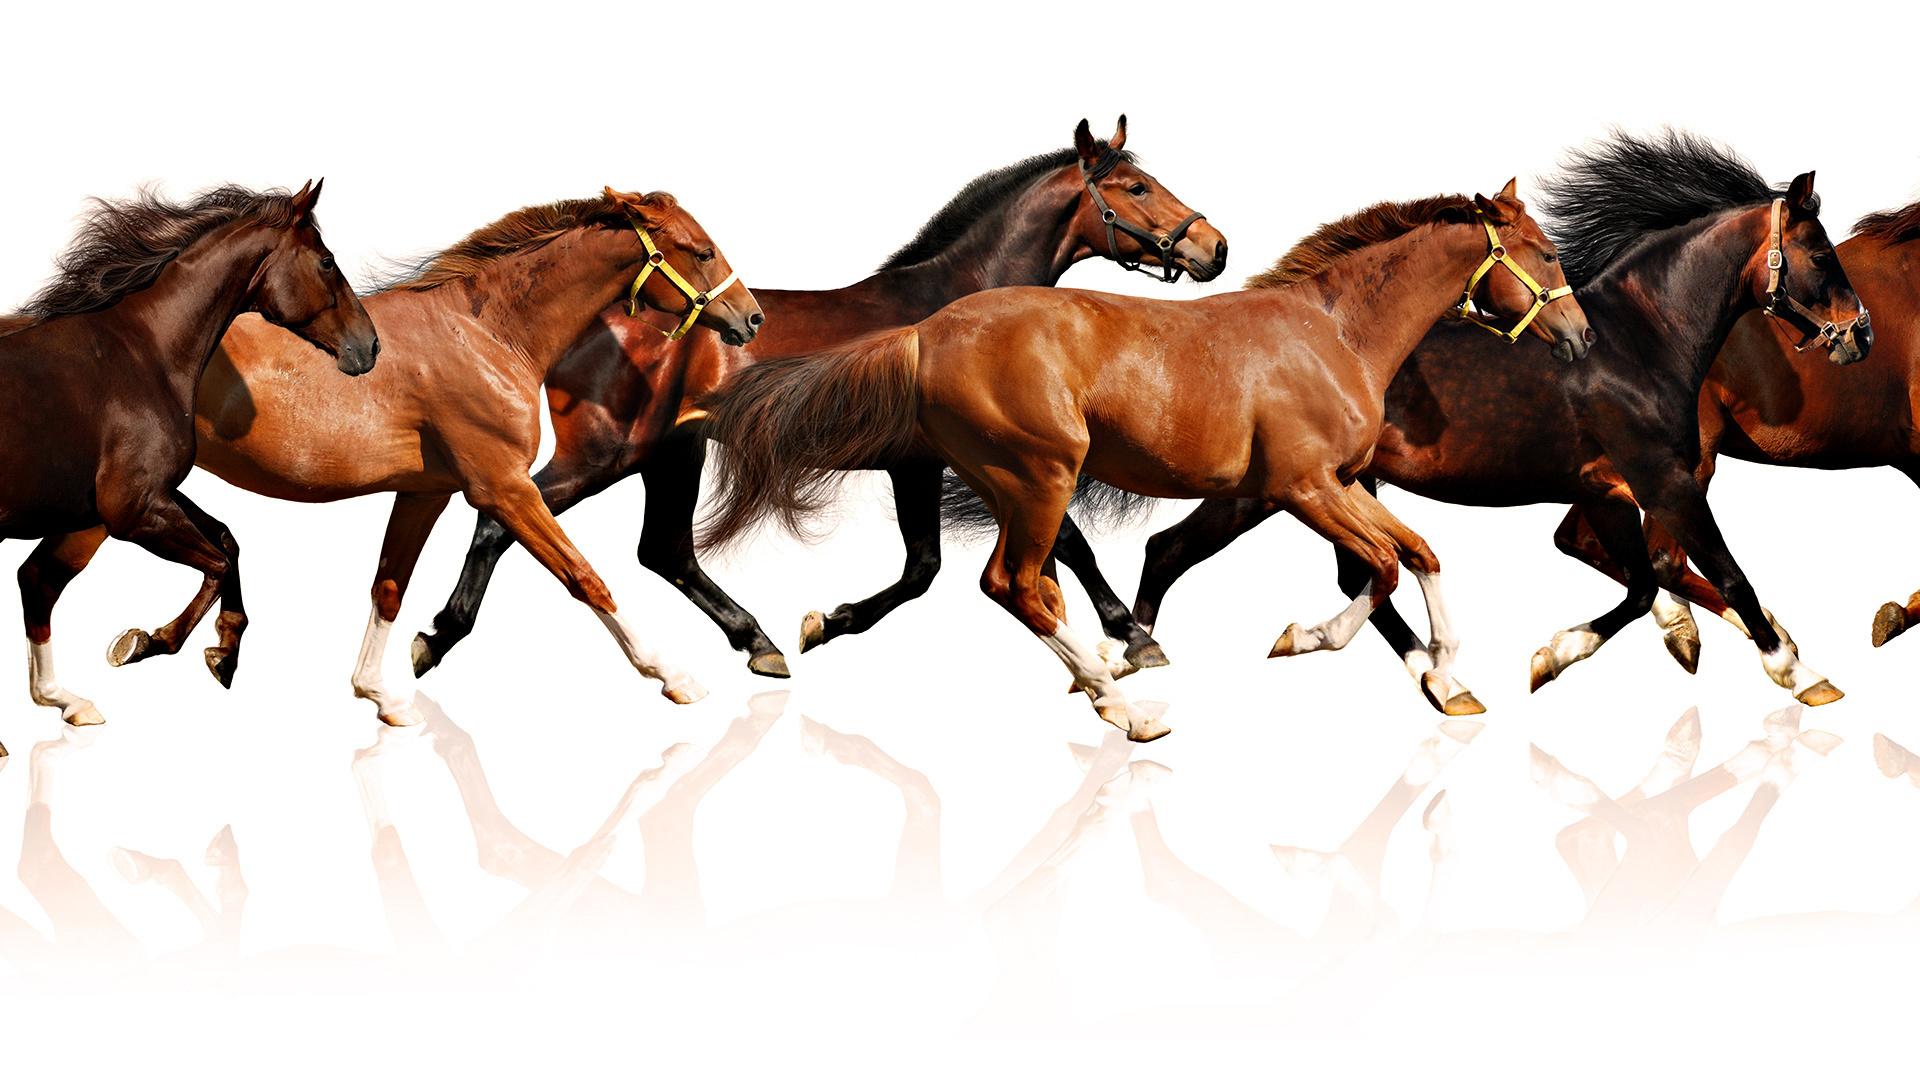 Running Horses Wallpaper 428858 Hd Wallpaper Backgrounds